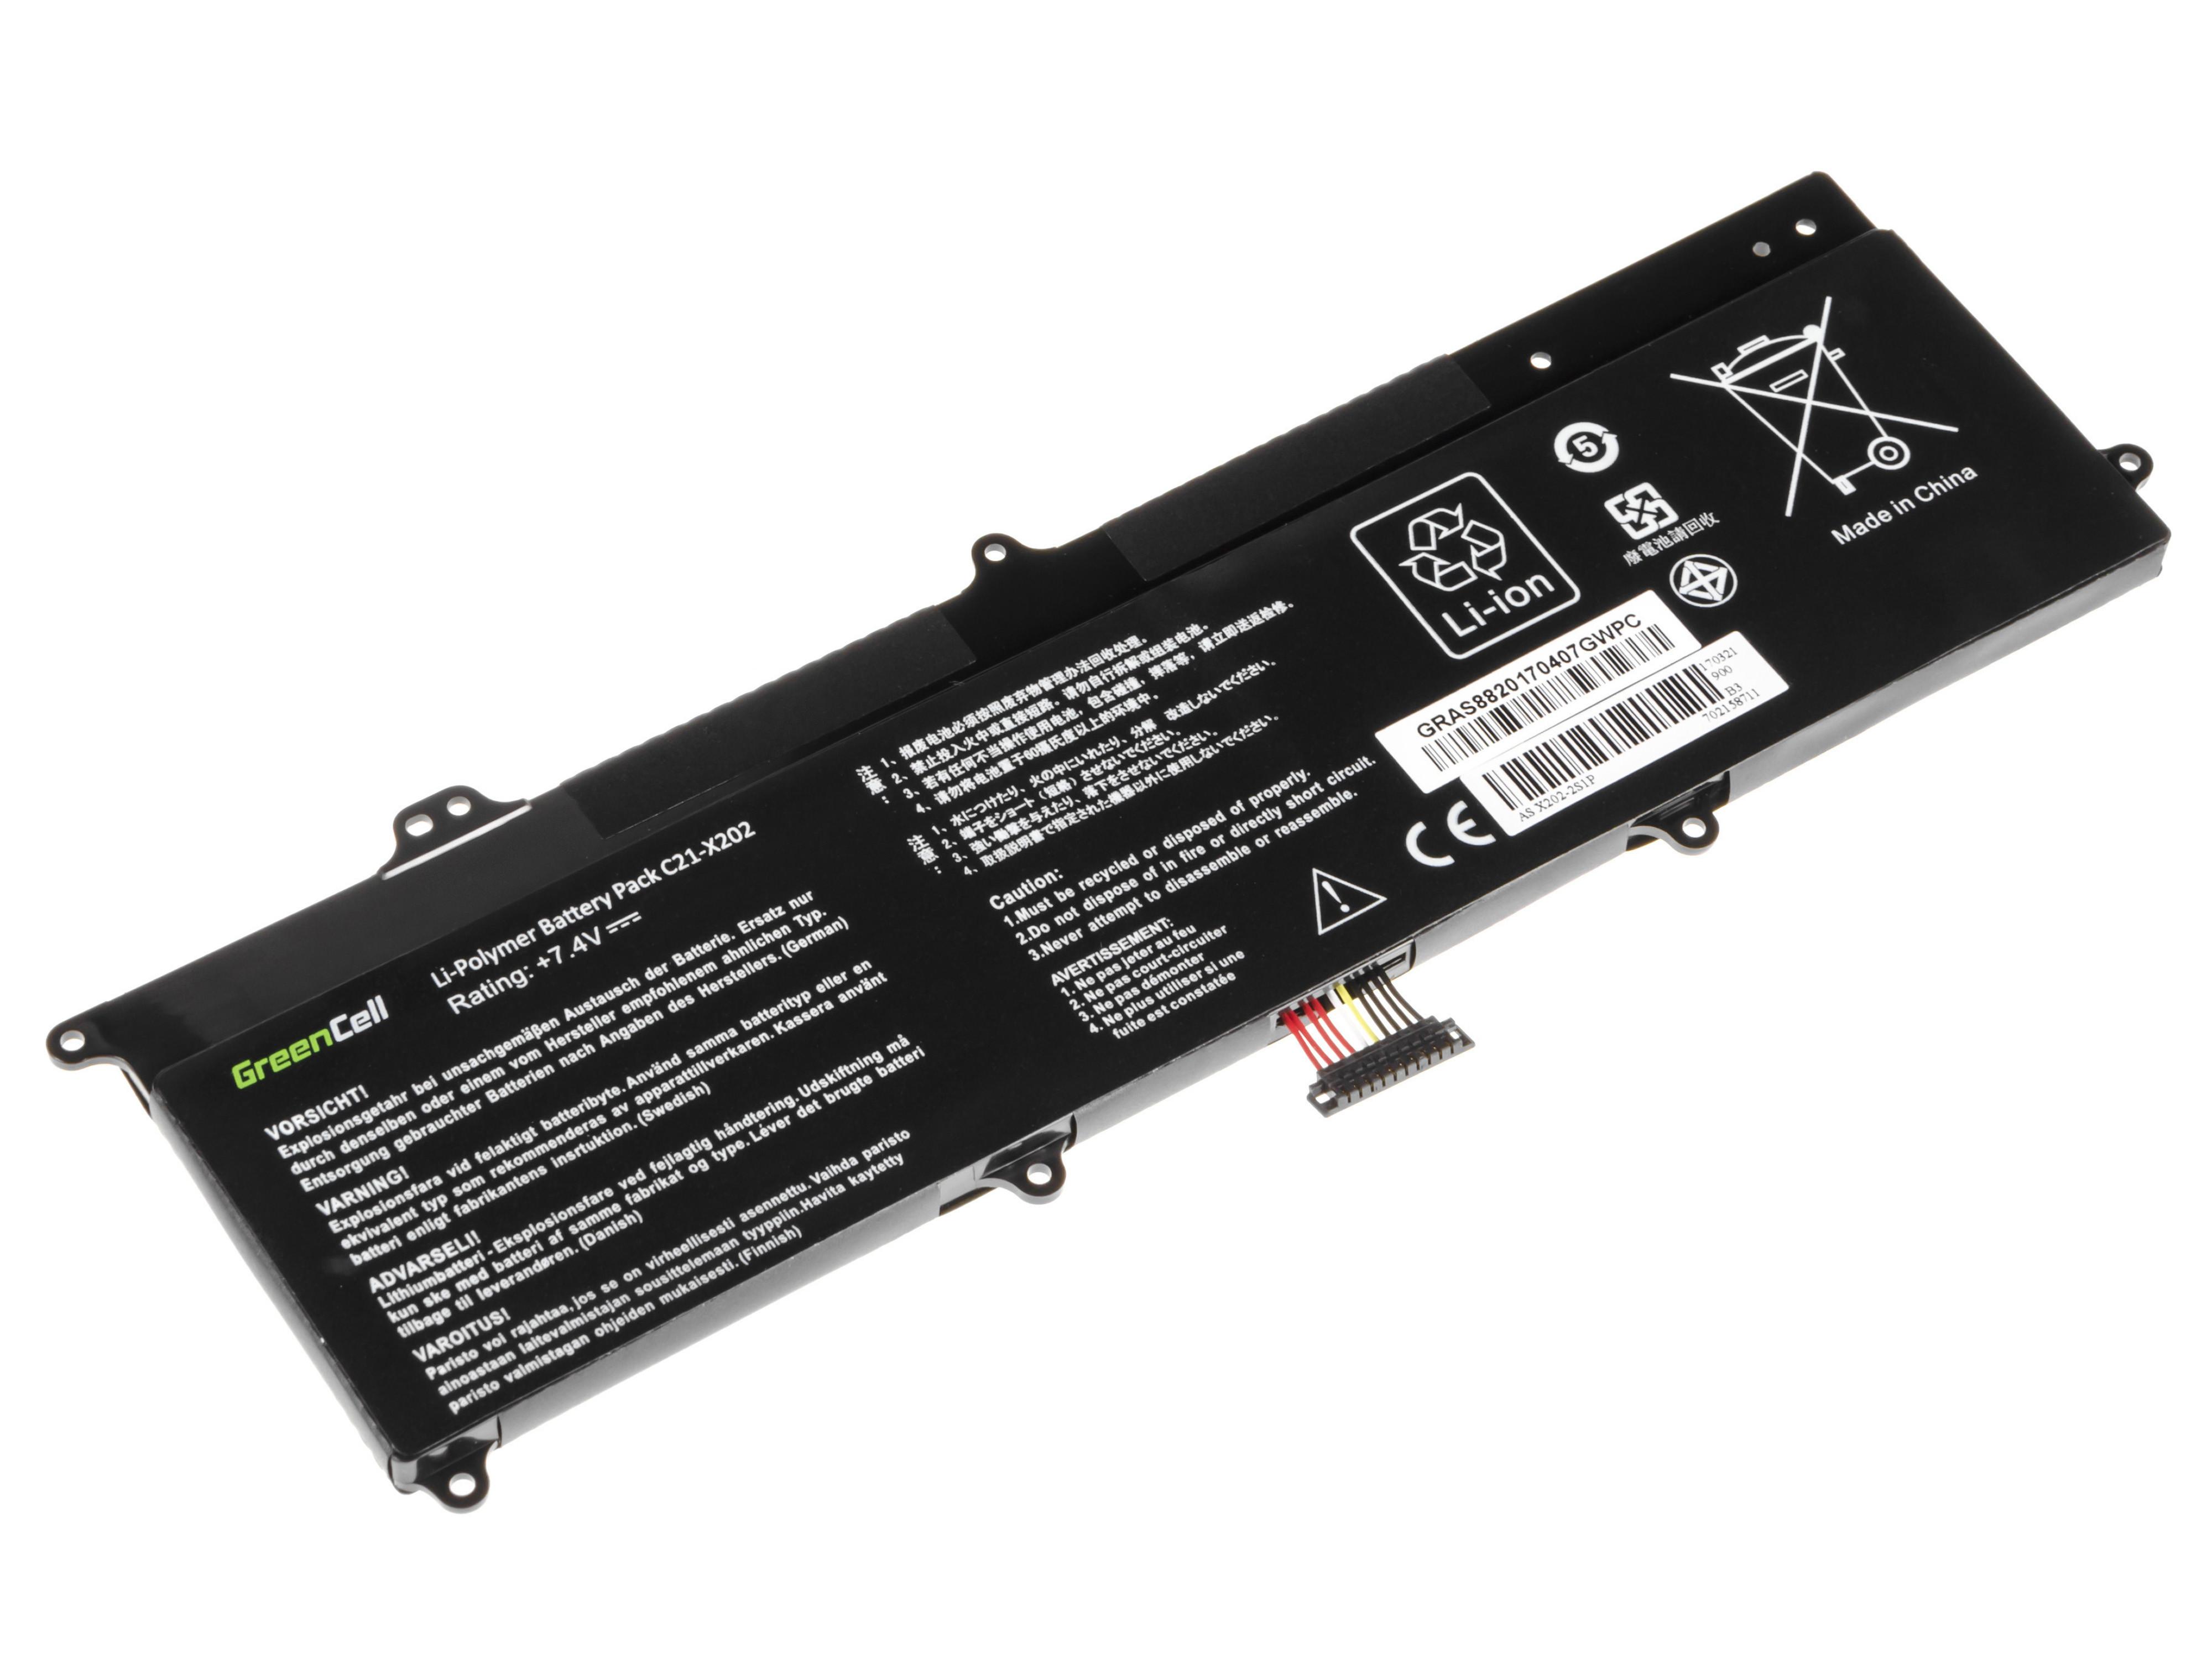 Green Cell AS88 Baterie Asus X201E/F201E/VivoBook F202E/Q200E/S200E/X202E 4500mAh Li-Pol – neoriginální